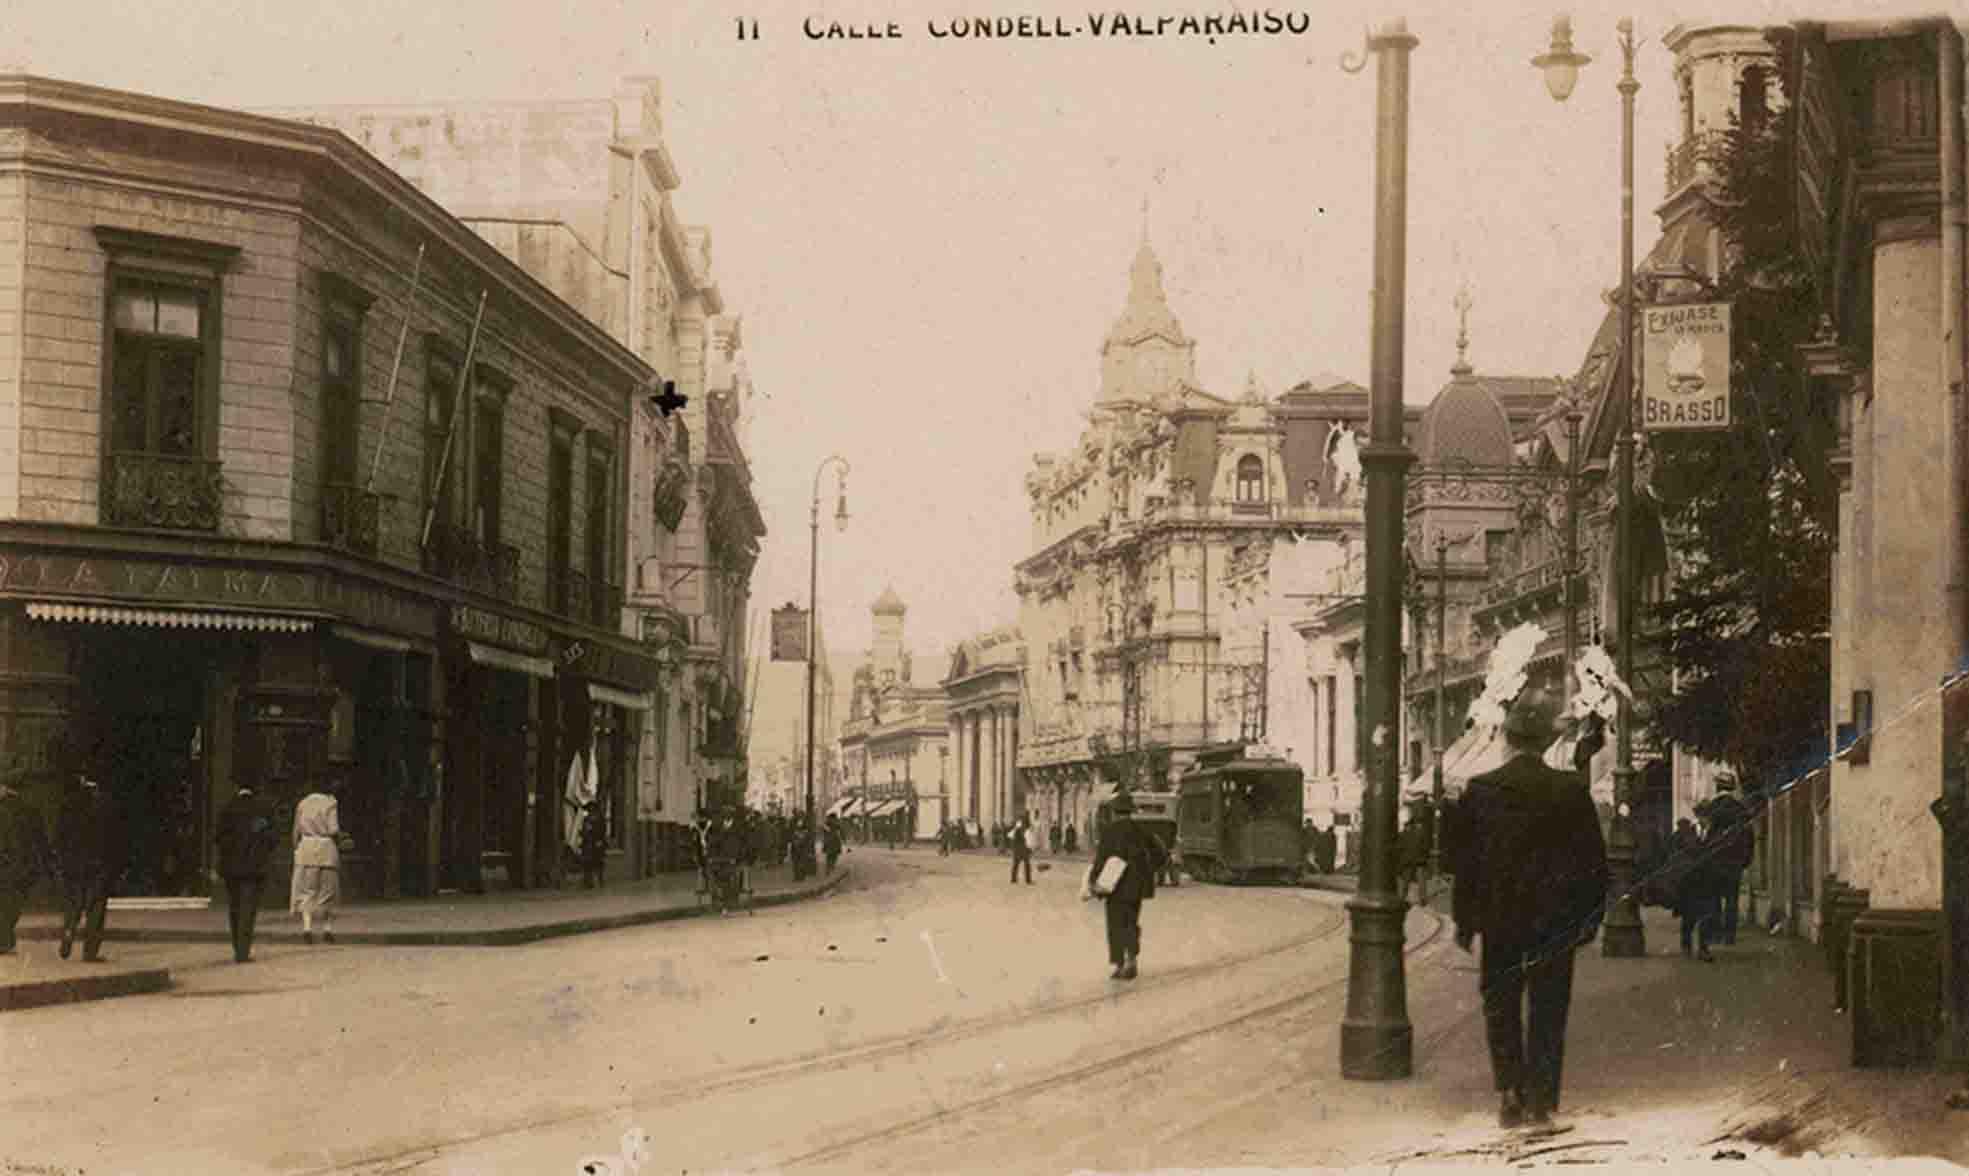 Enterreno - Fotos históricas de chile - fotos antiguas de Chile - Calle Condel de Valparaíso ca. 1920